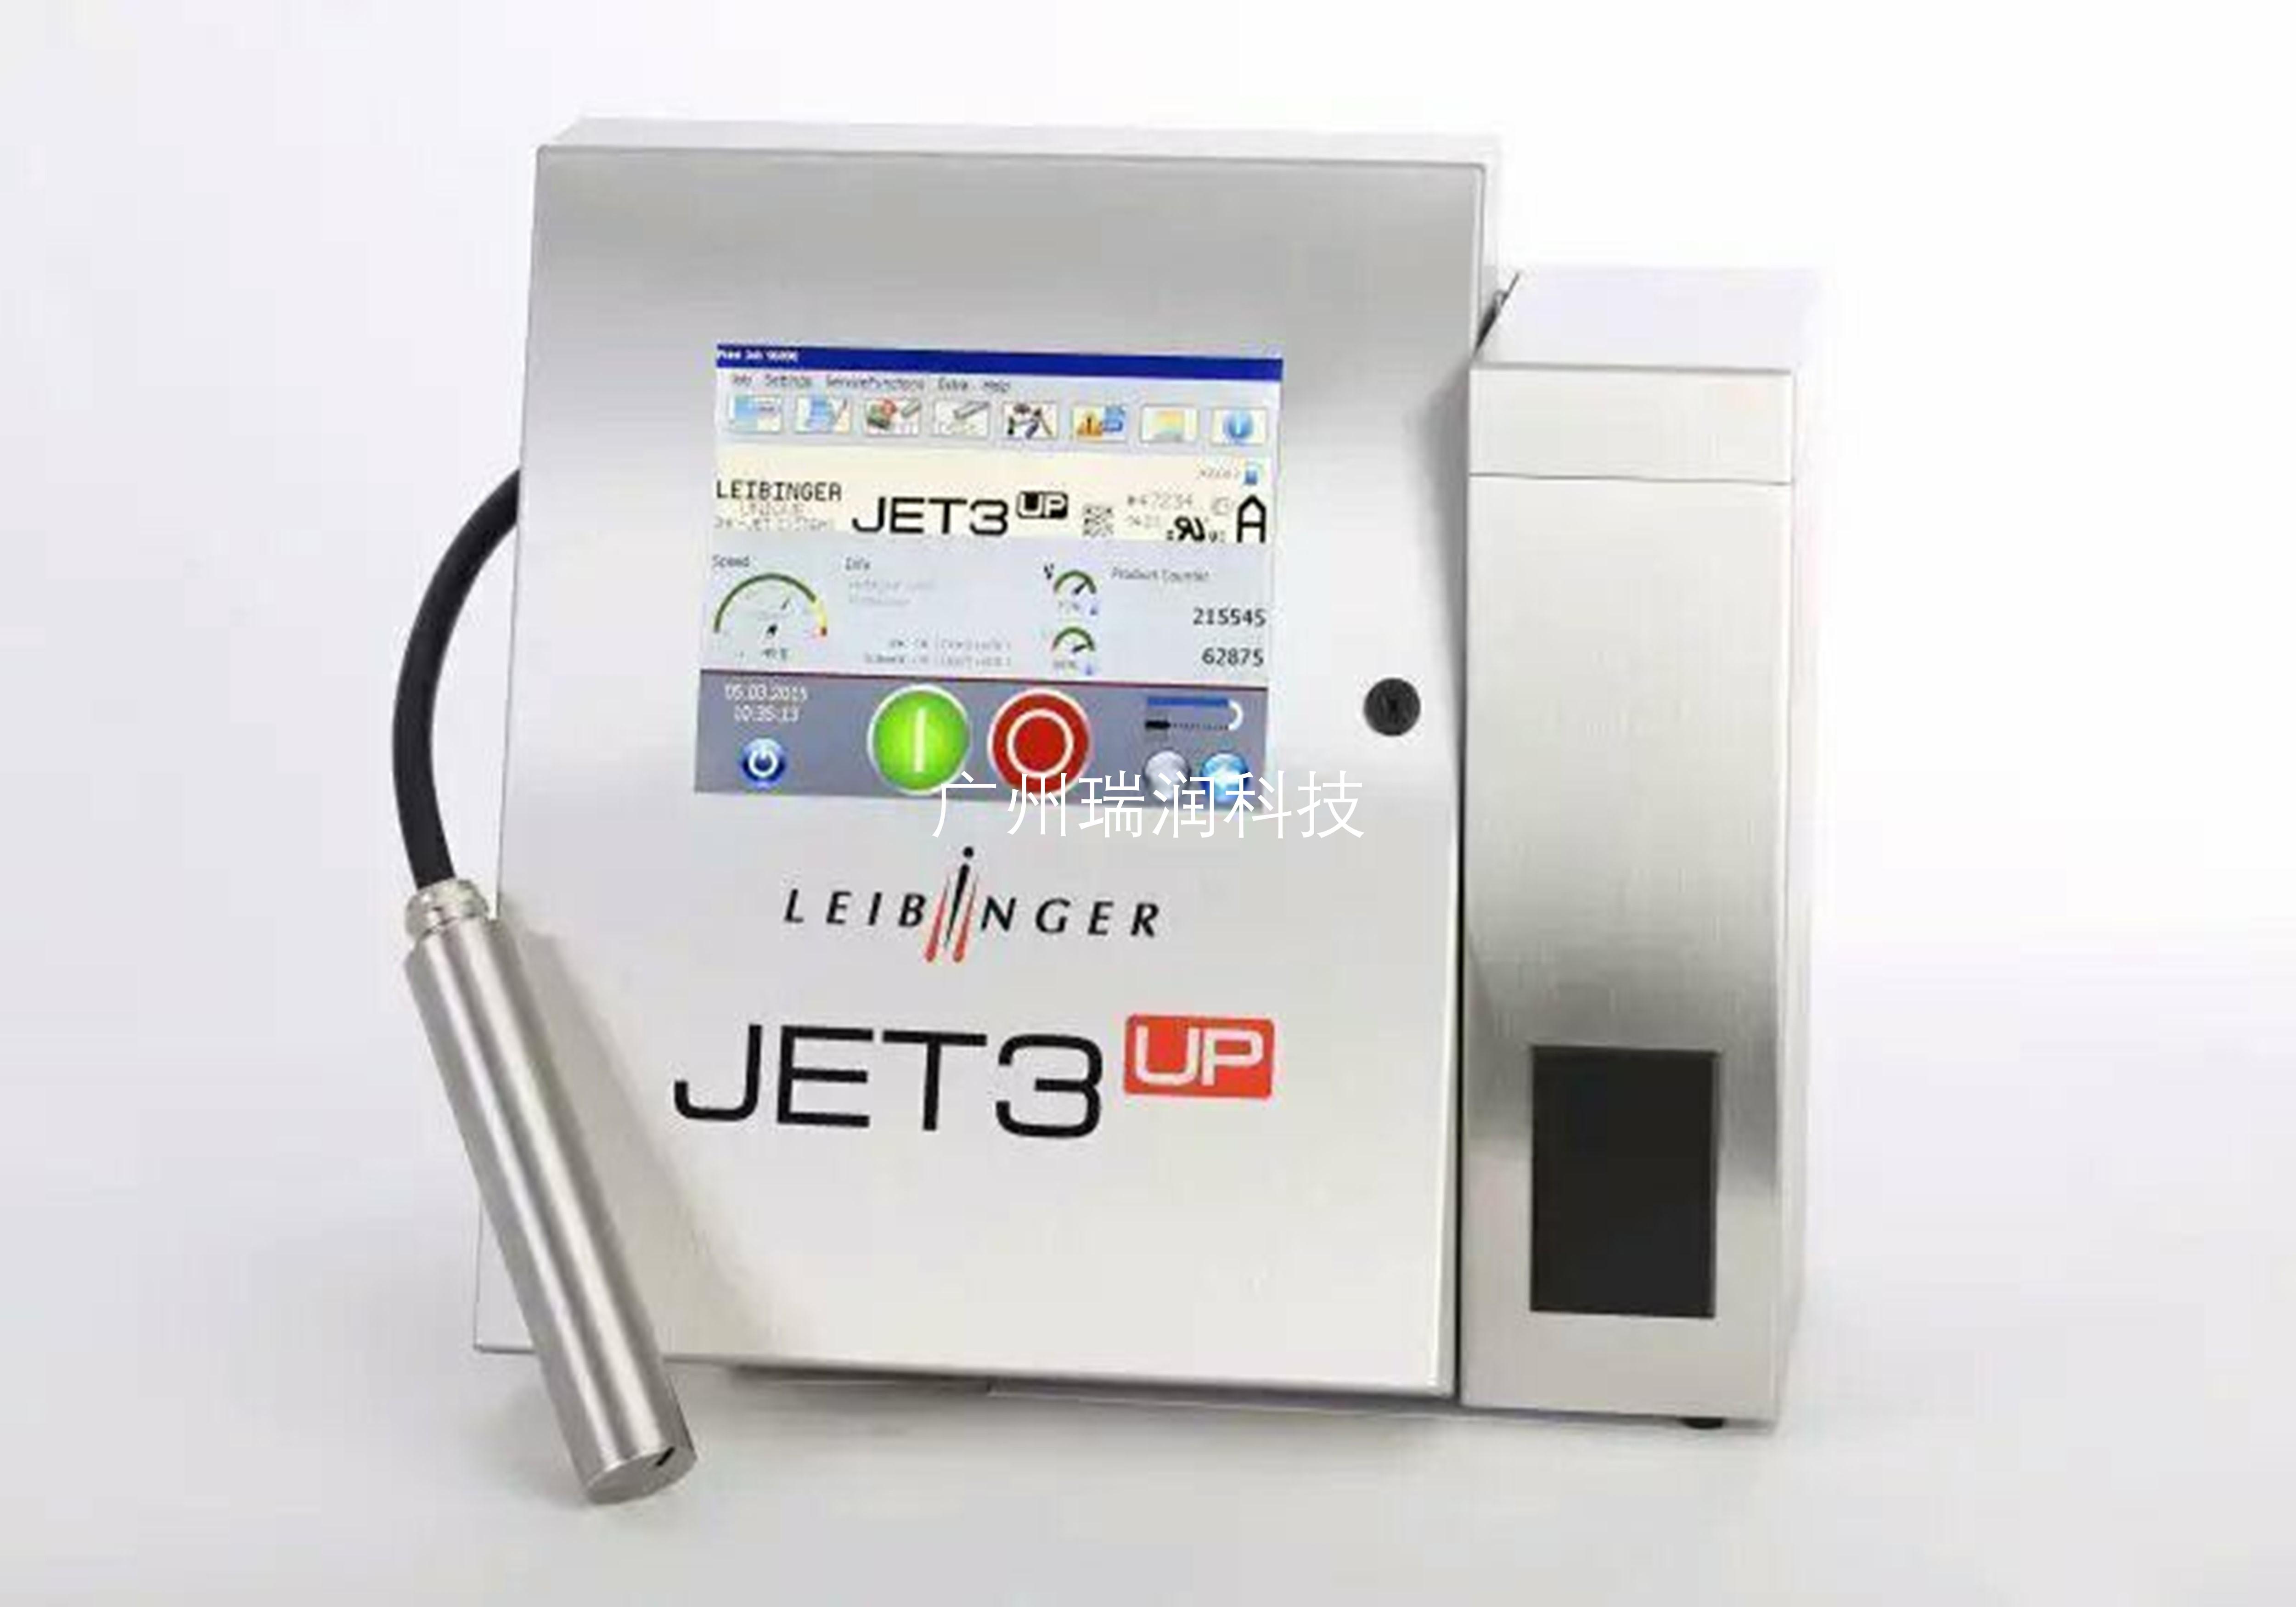 莱宾格JET3up 小字符